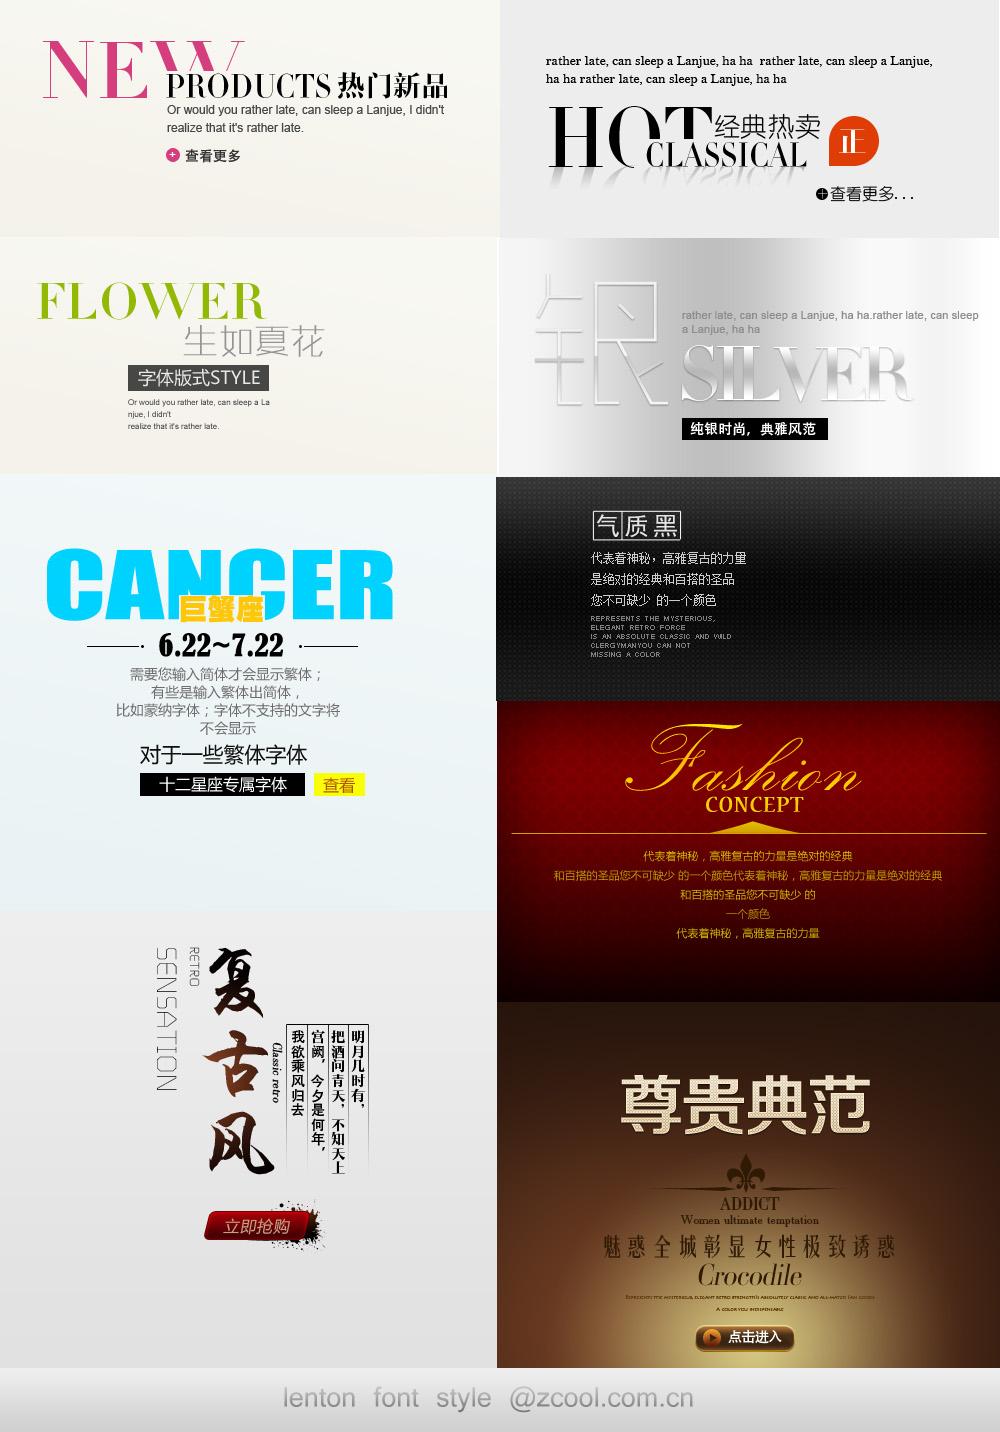 9款适何常用字体描述的商品商城排版招聘长沙地产设计设计图片